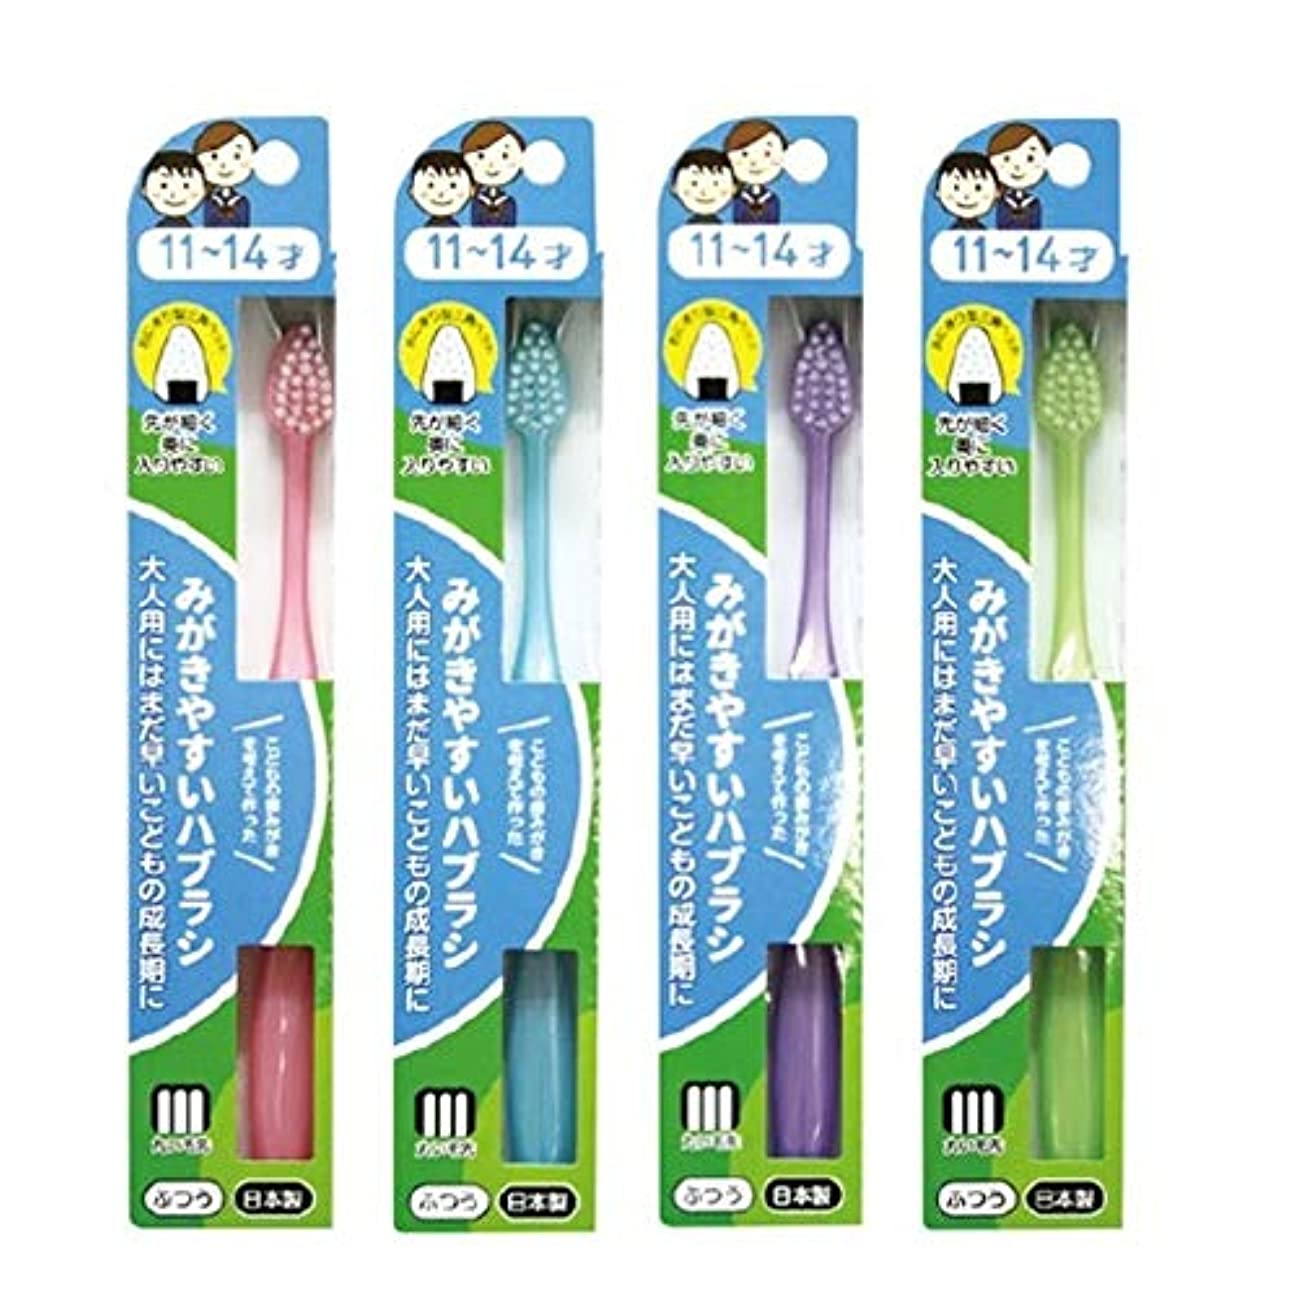 シフト感じ液化するみがきやすいハブラシ 11~14才用 フラット LT-40×4本セット(ピンク×1、ブルー×1、パープル×1、グリーン×1)